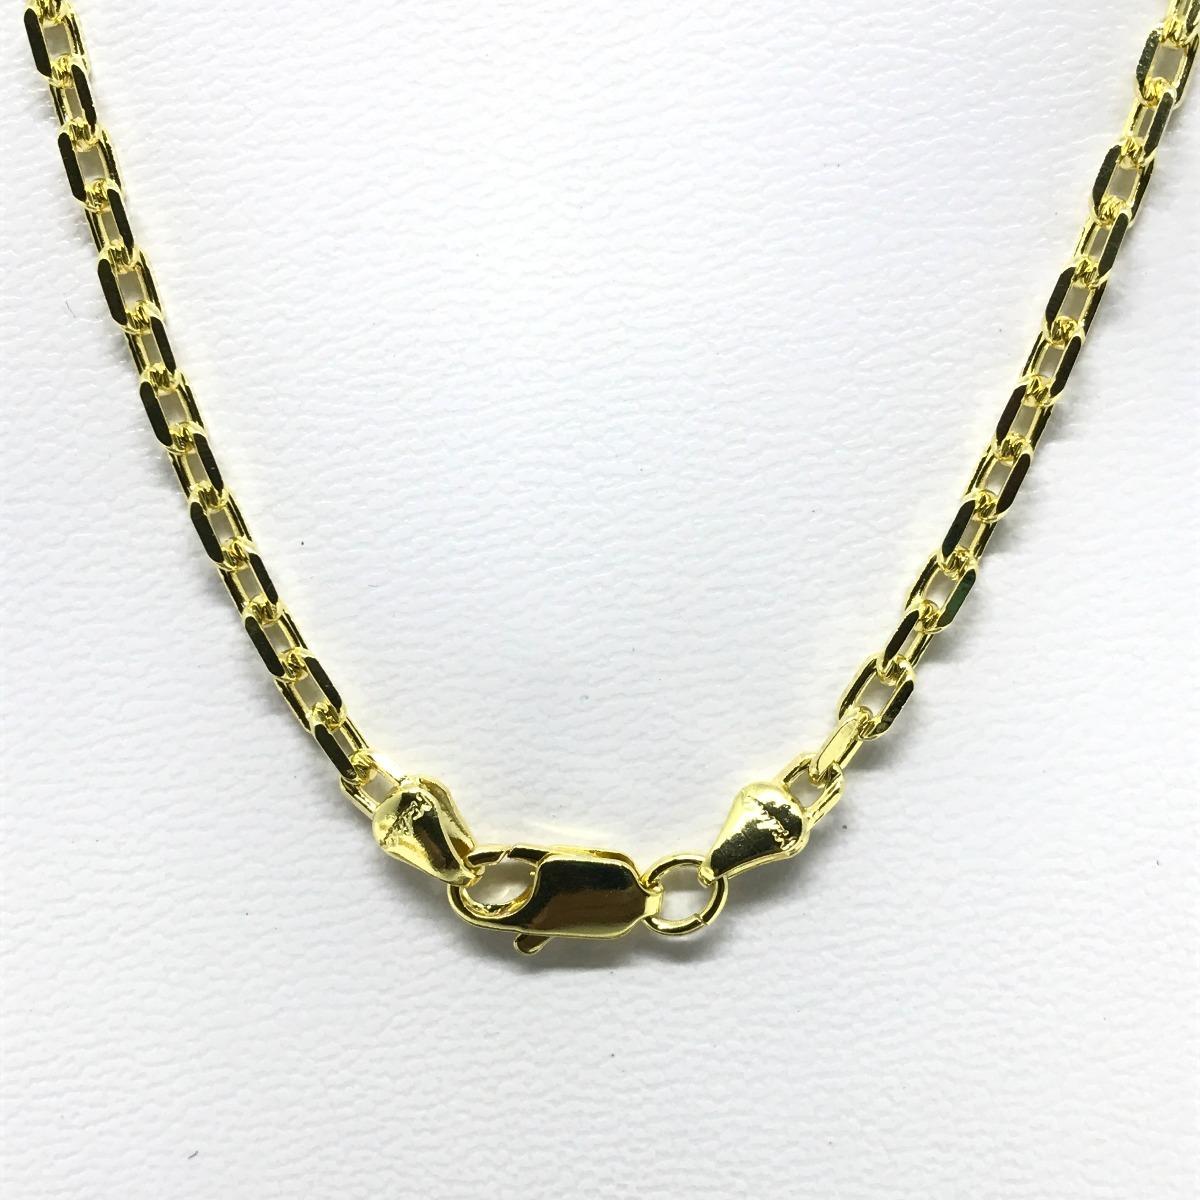 e54fb4239d3 corrente cartier cordão cadeado 4mm 80cm folheado a ouro 18k. Carregando  zoom.